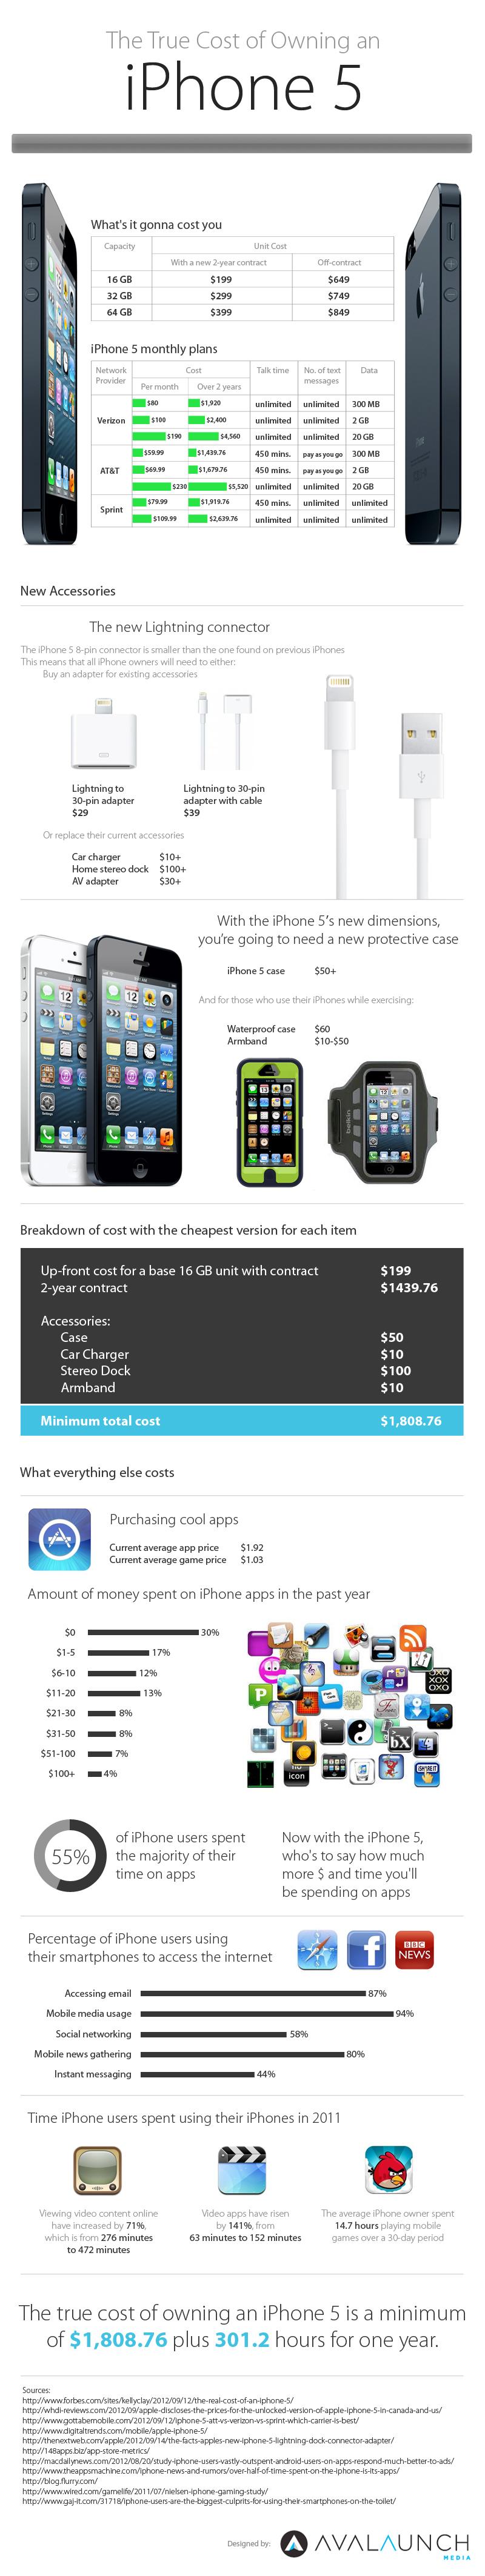 iPhone 5 Infographic